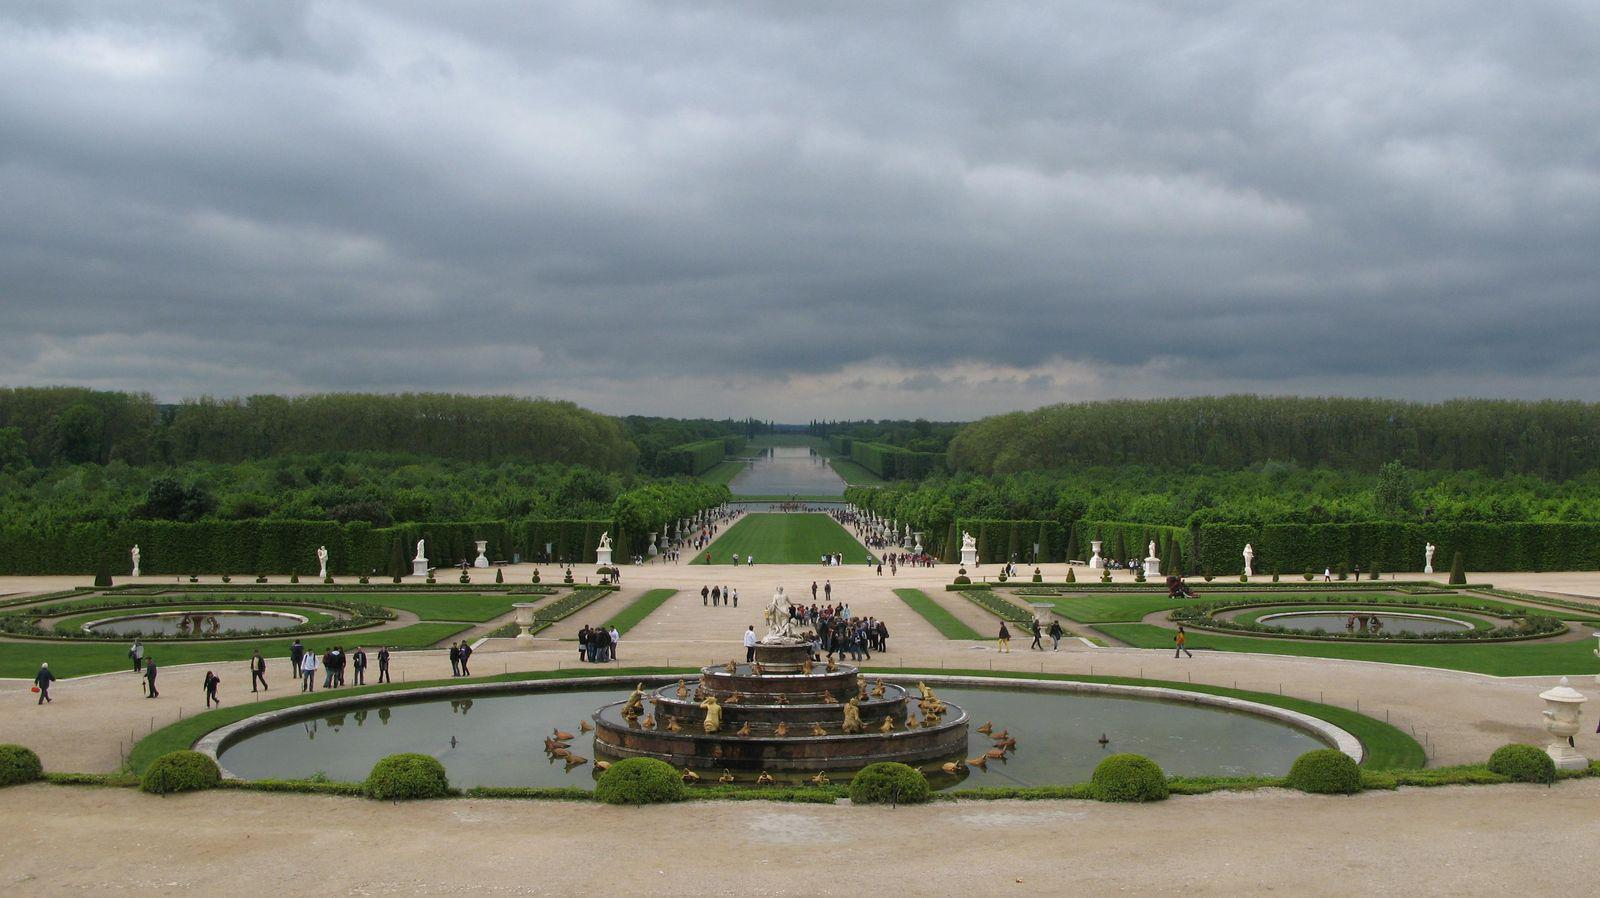 Parcs jardins botaniques arboretums yvelines 78 for Jardin et parc 78